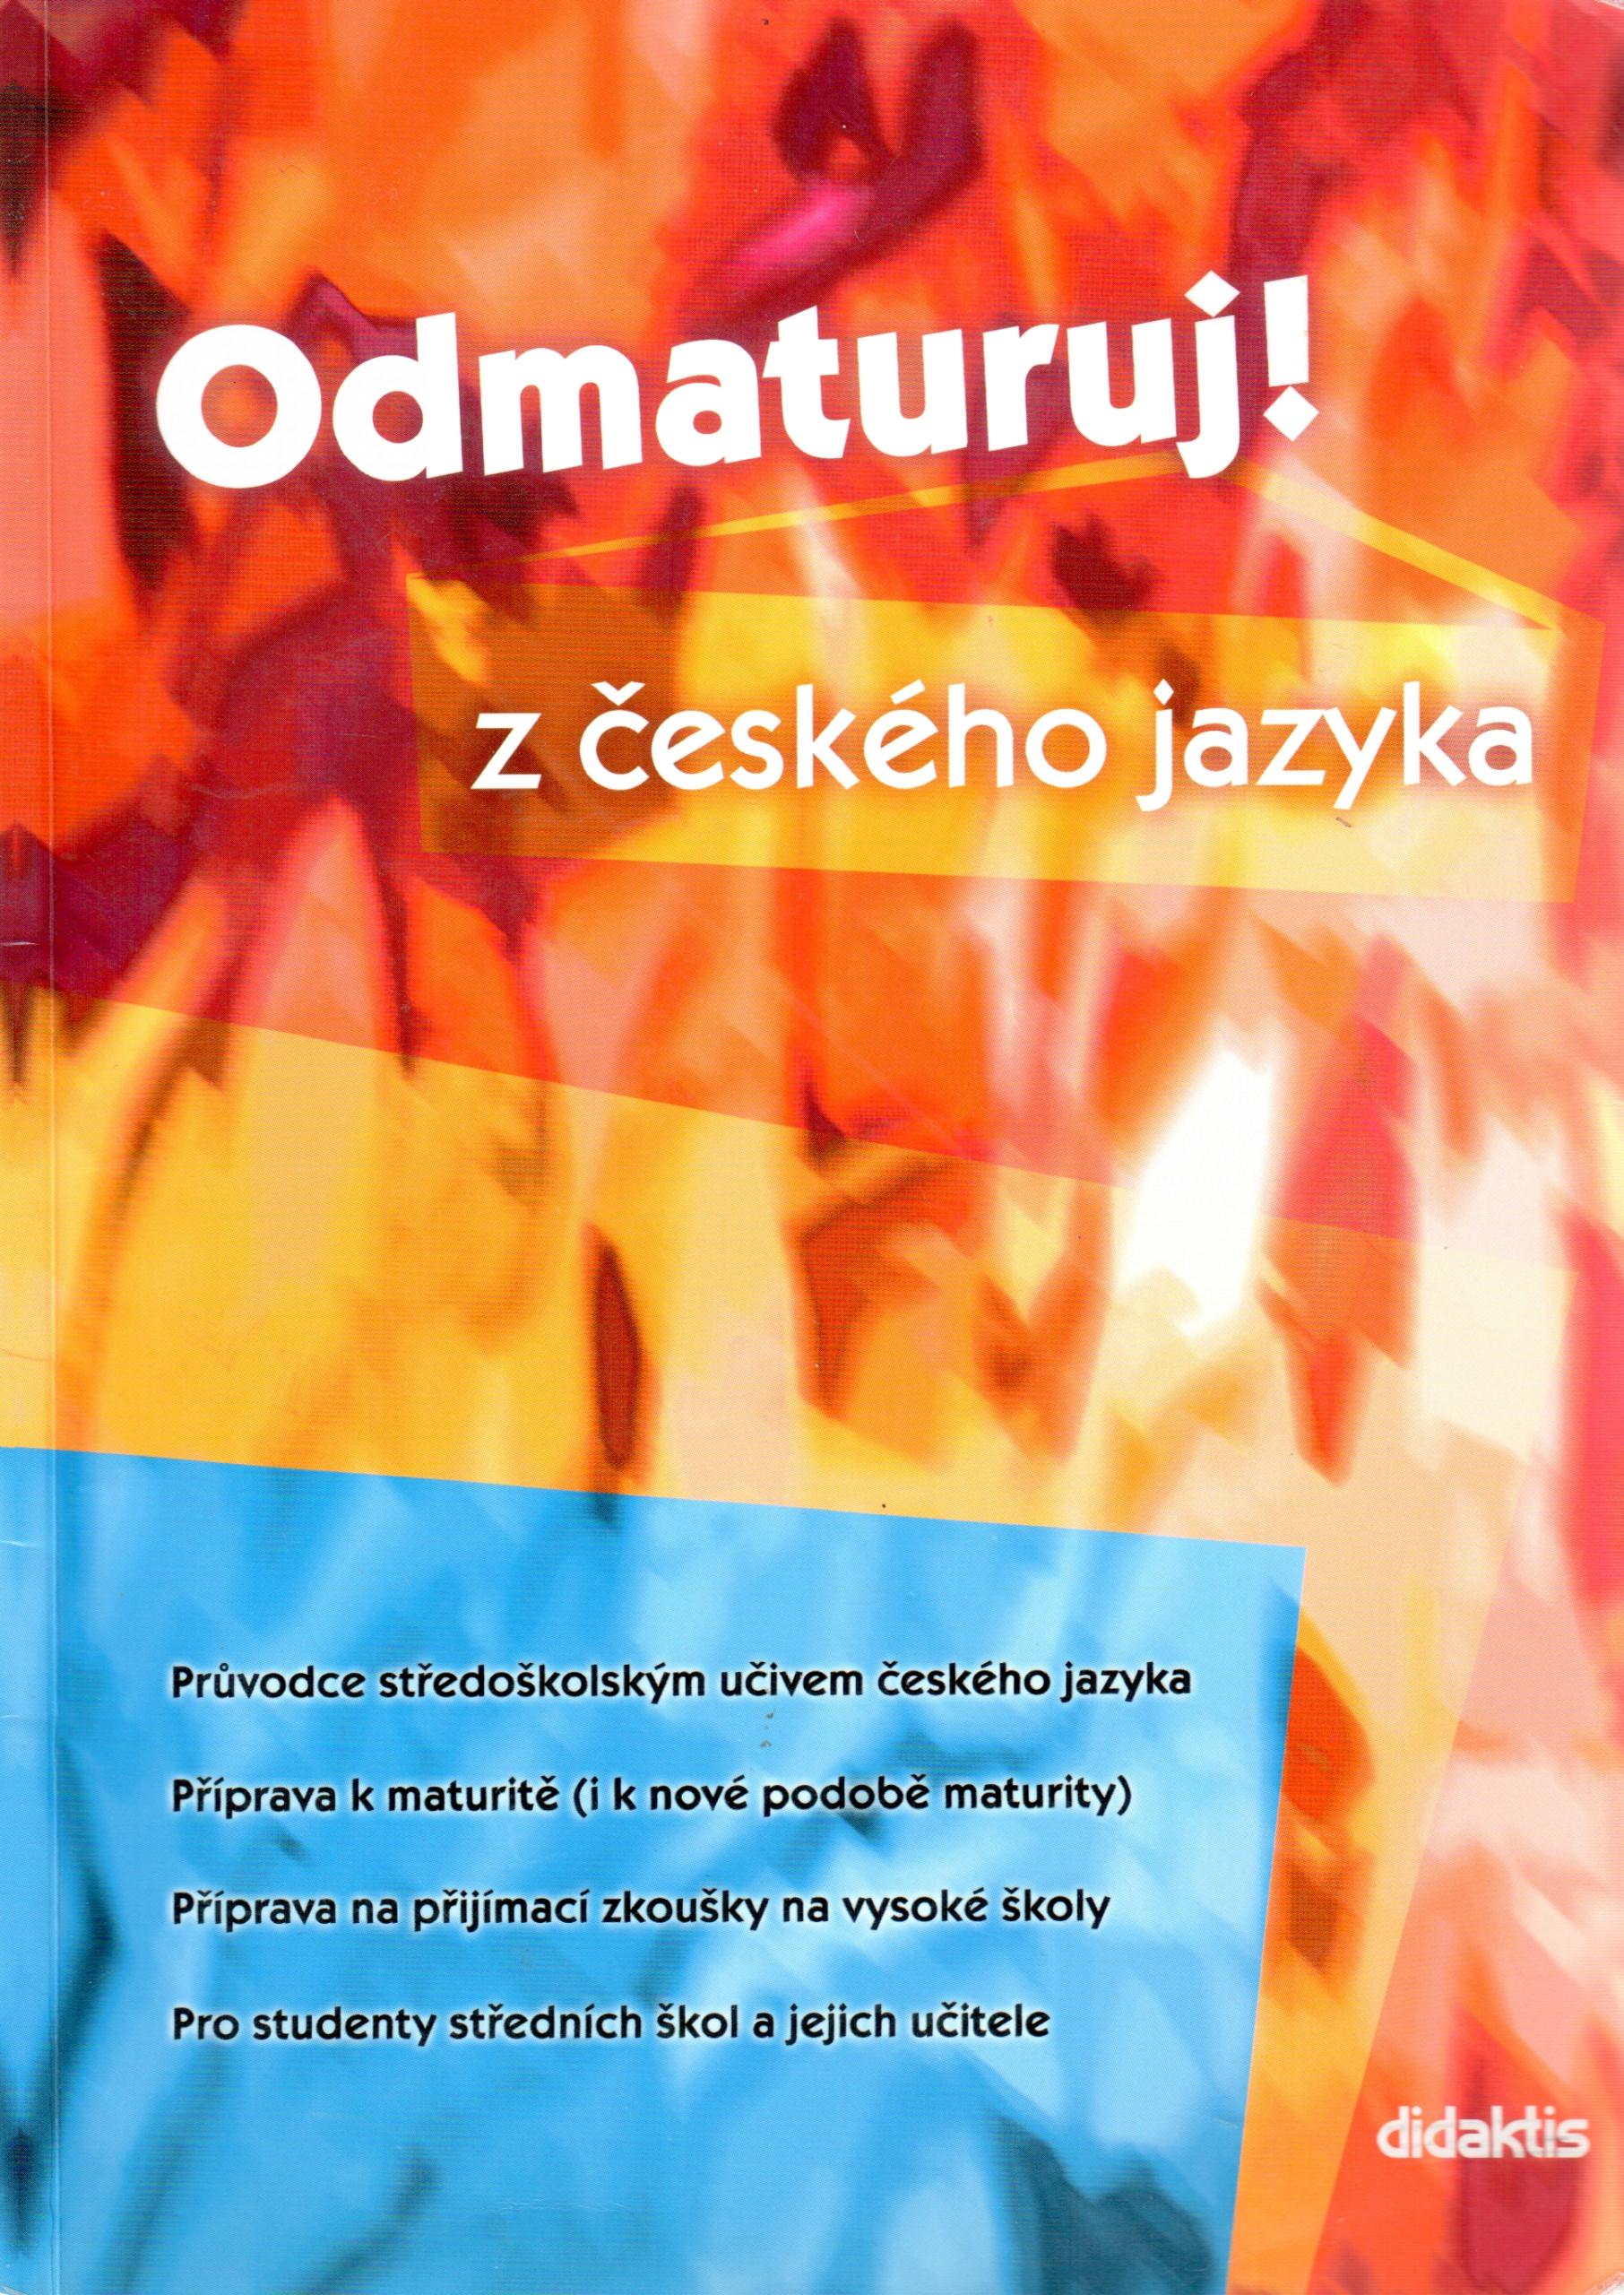 Odmaturuj! z českého jazyka - Náhled učebnice